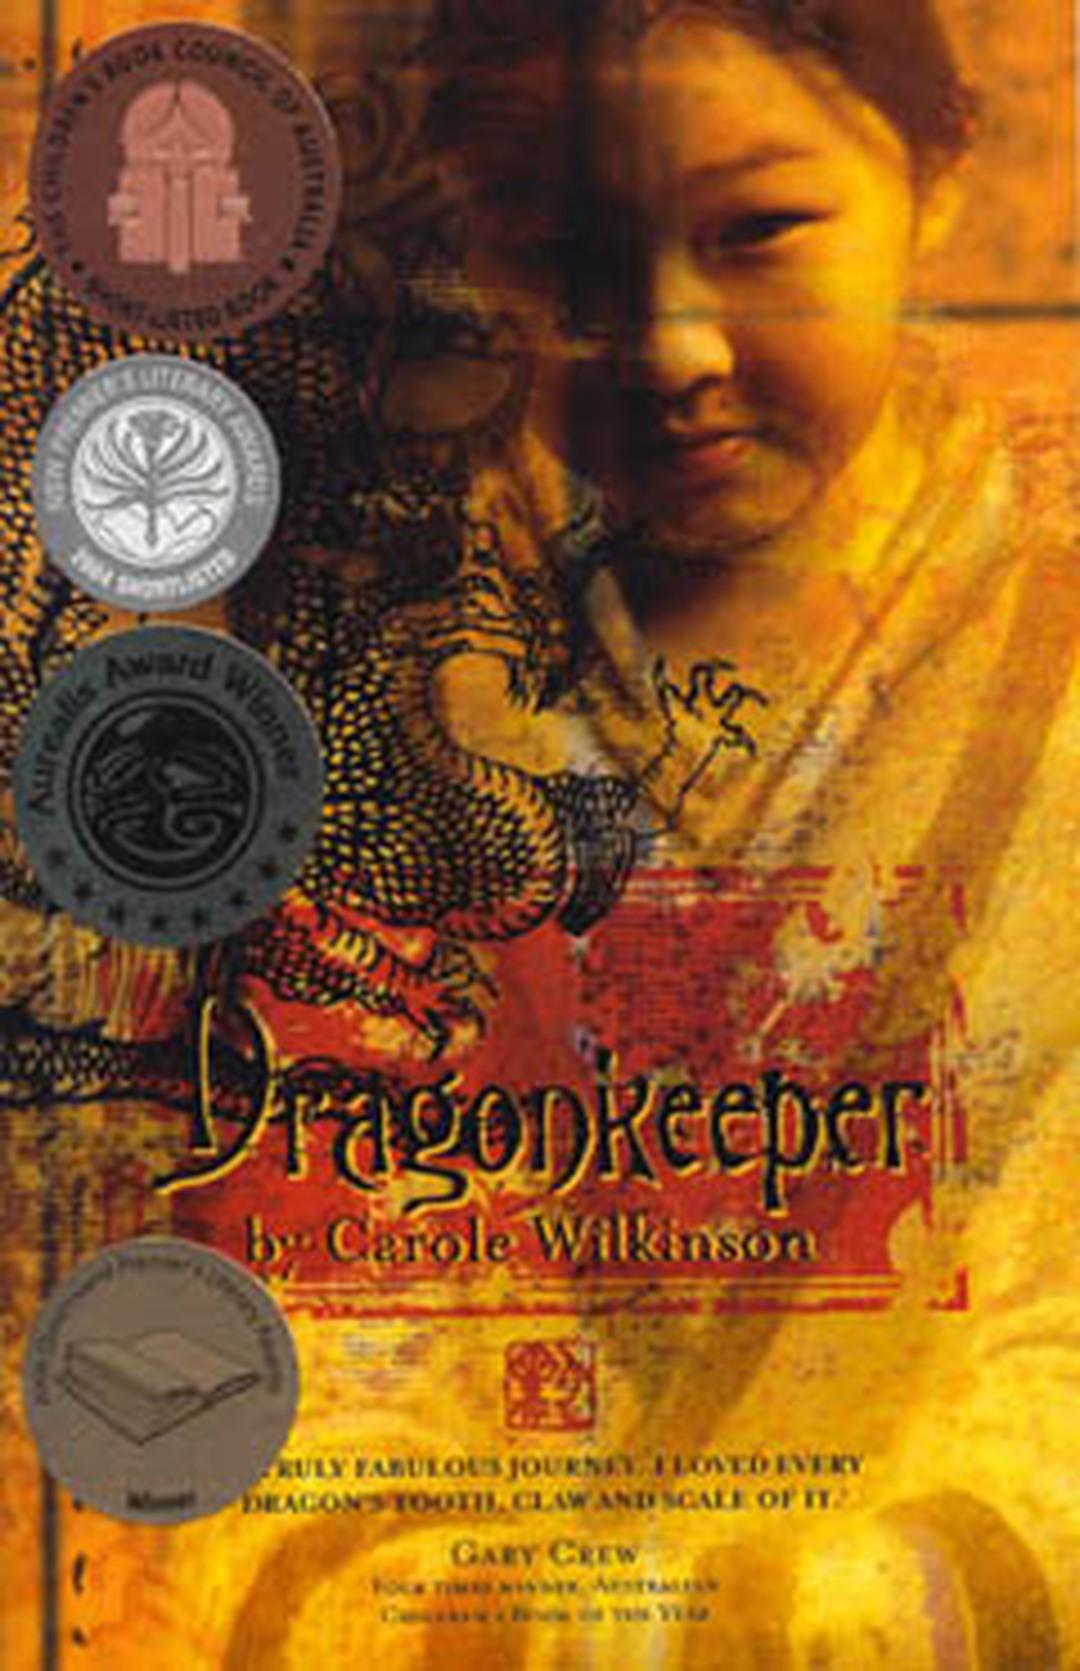 Dragon Keeper - F.R.R.E.E